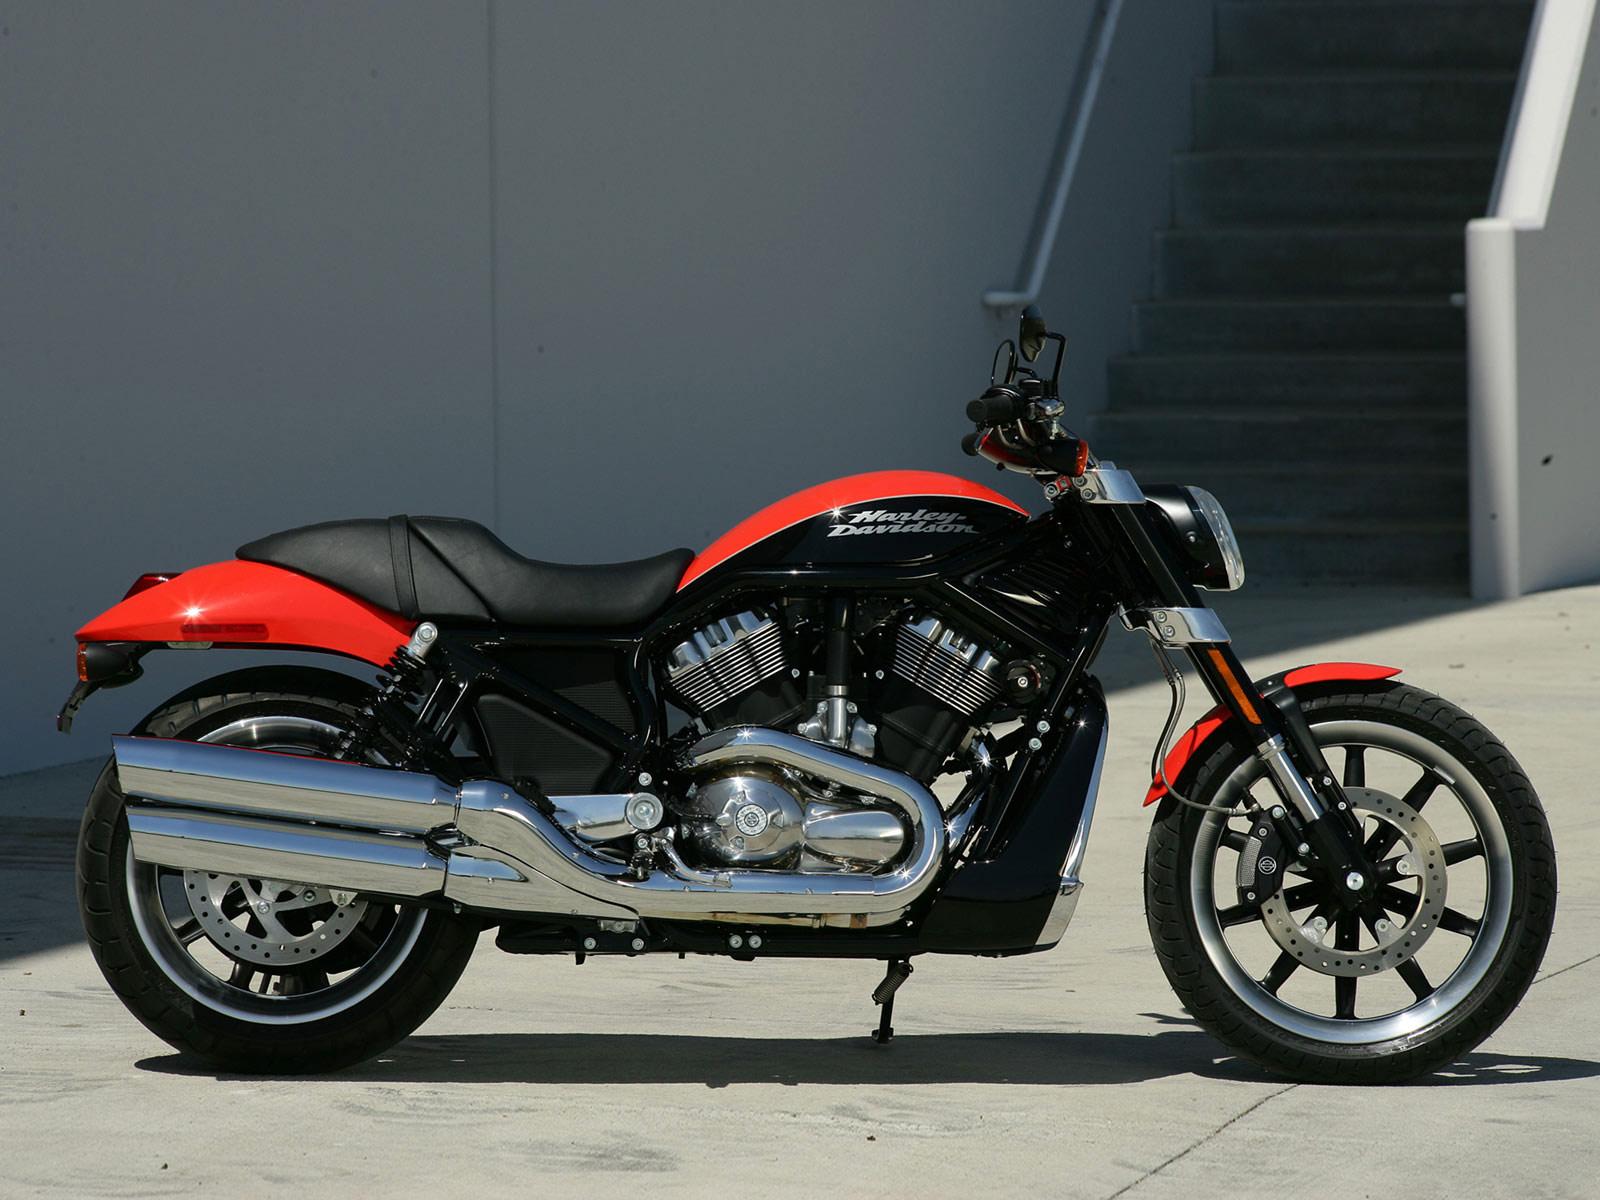 Harley Davidson: Harley-Davidson Insurance. 2007 VRSCR Street Rod Pictures